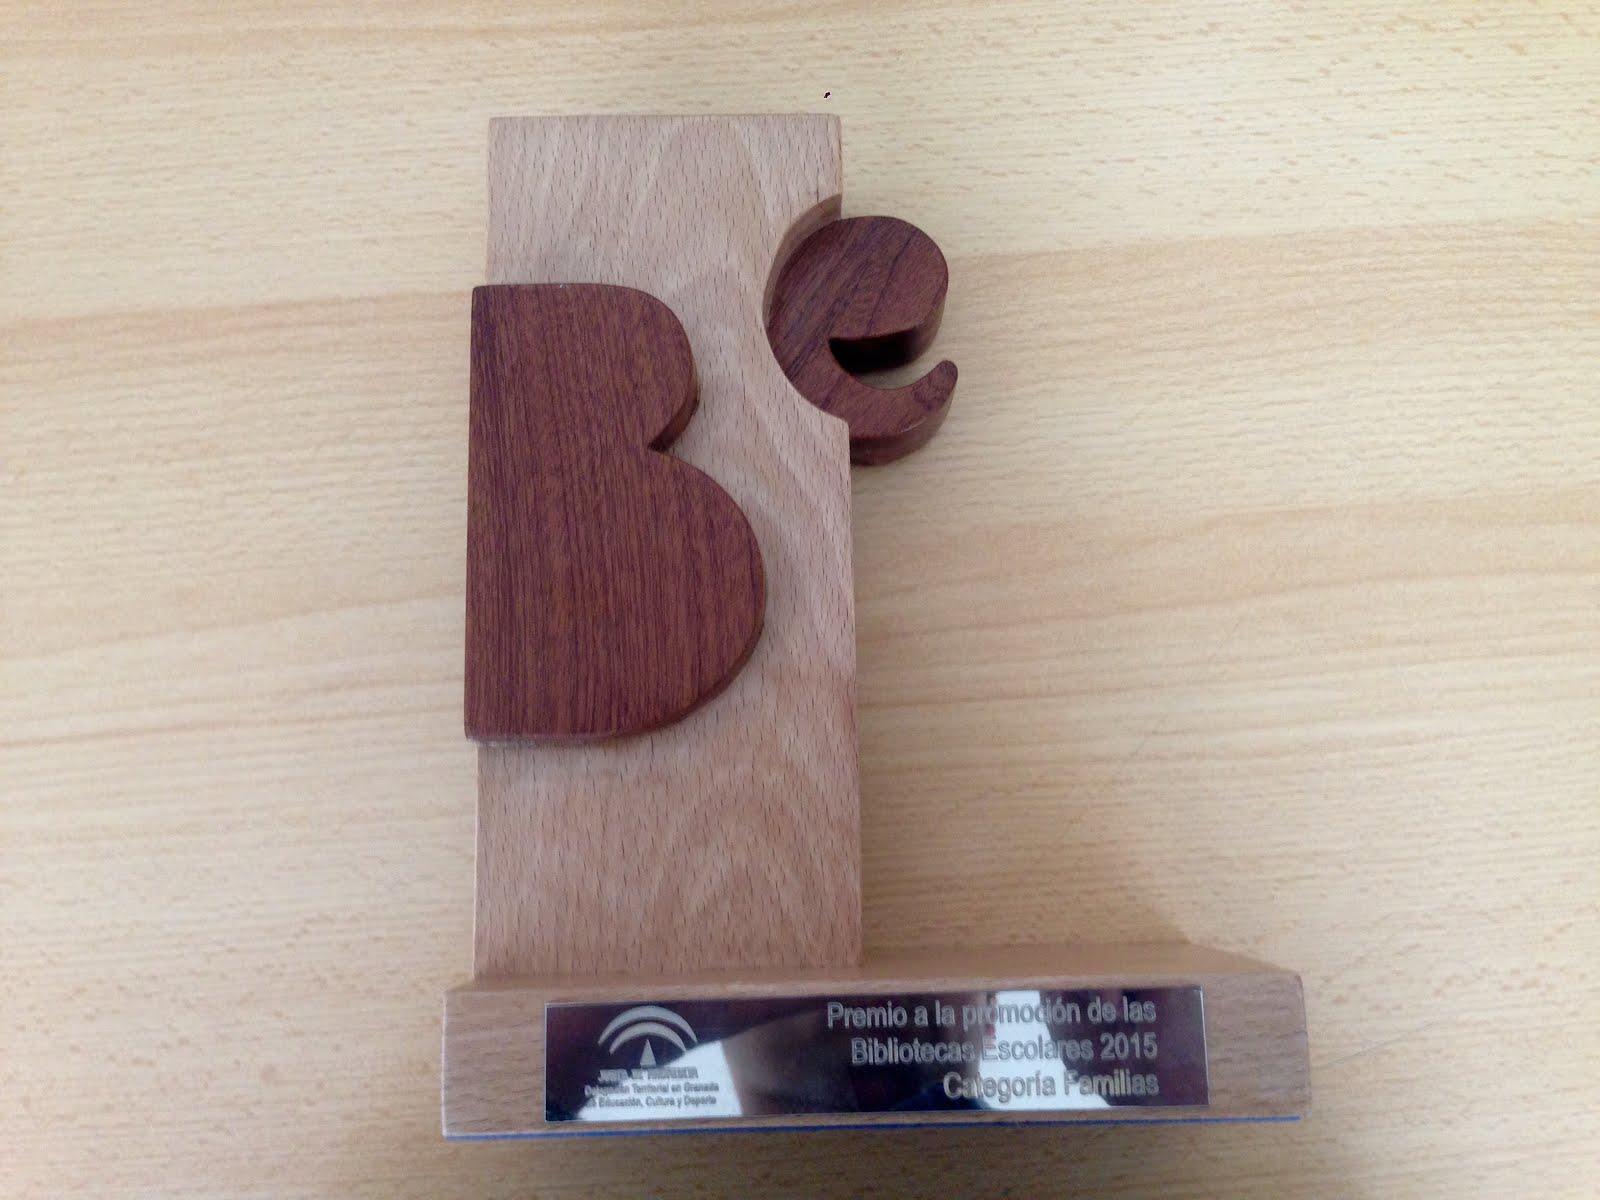 Premio a la promoción de las Bibliotecas Escolares 2015